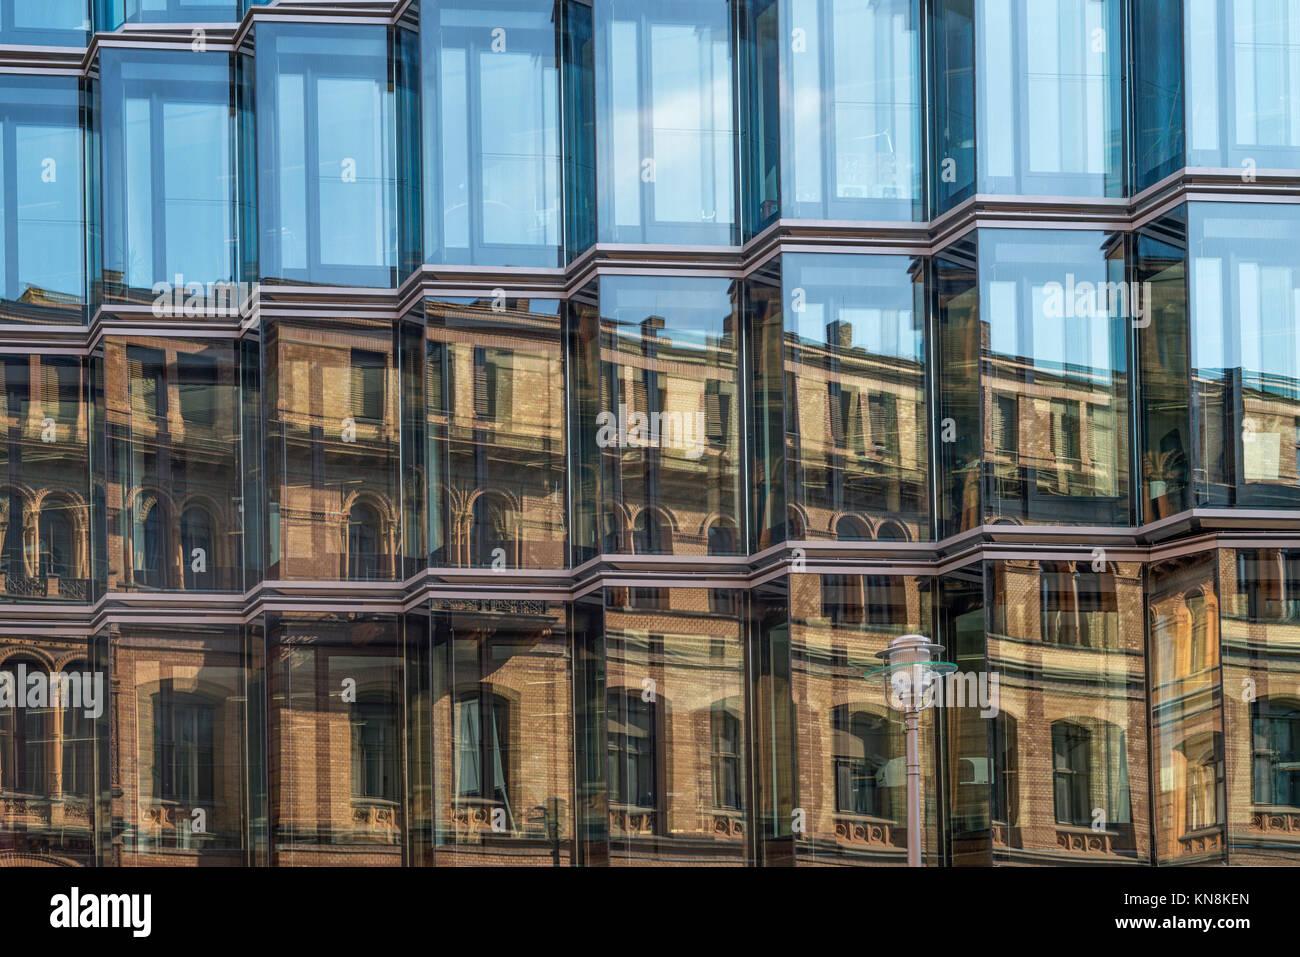 Moderne Architektur, Dorotheen Straße 97, Reflexion, Berlin Mitte, Deutschland Stockbild